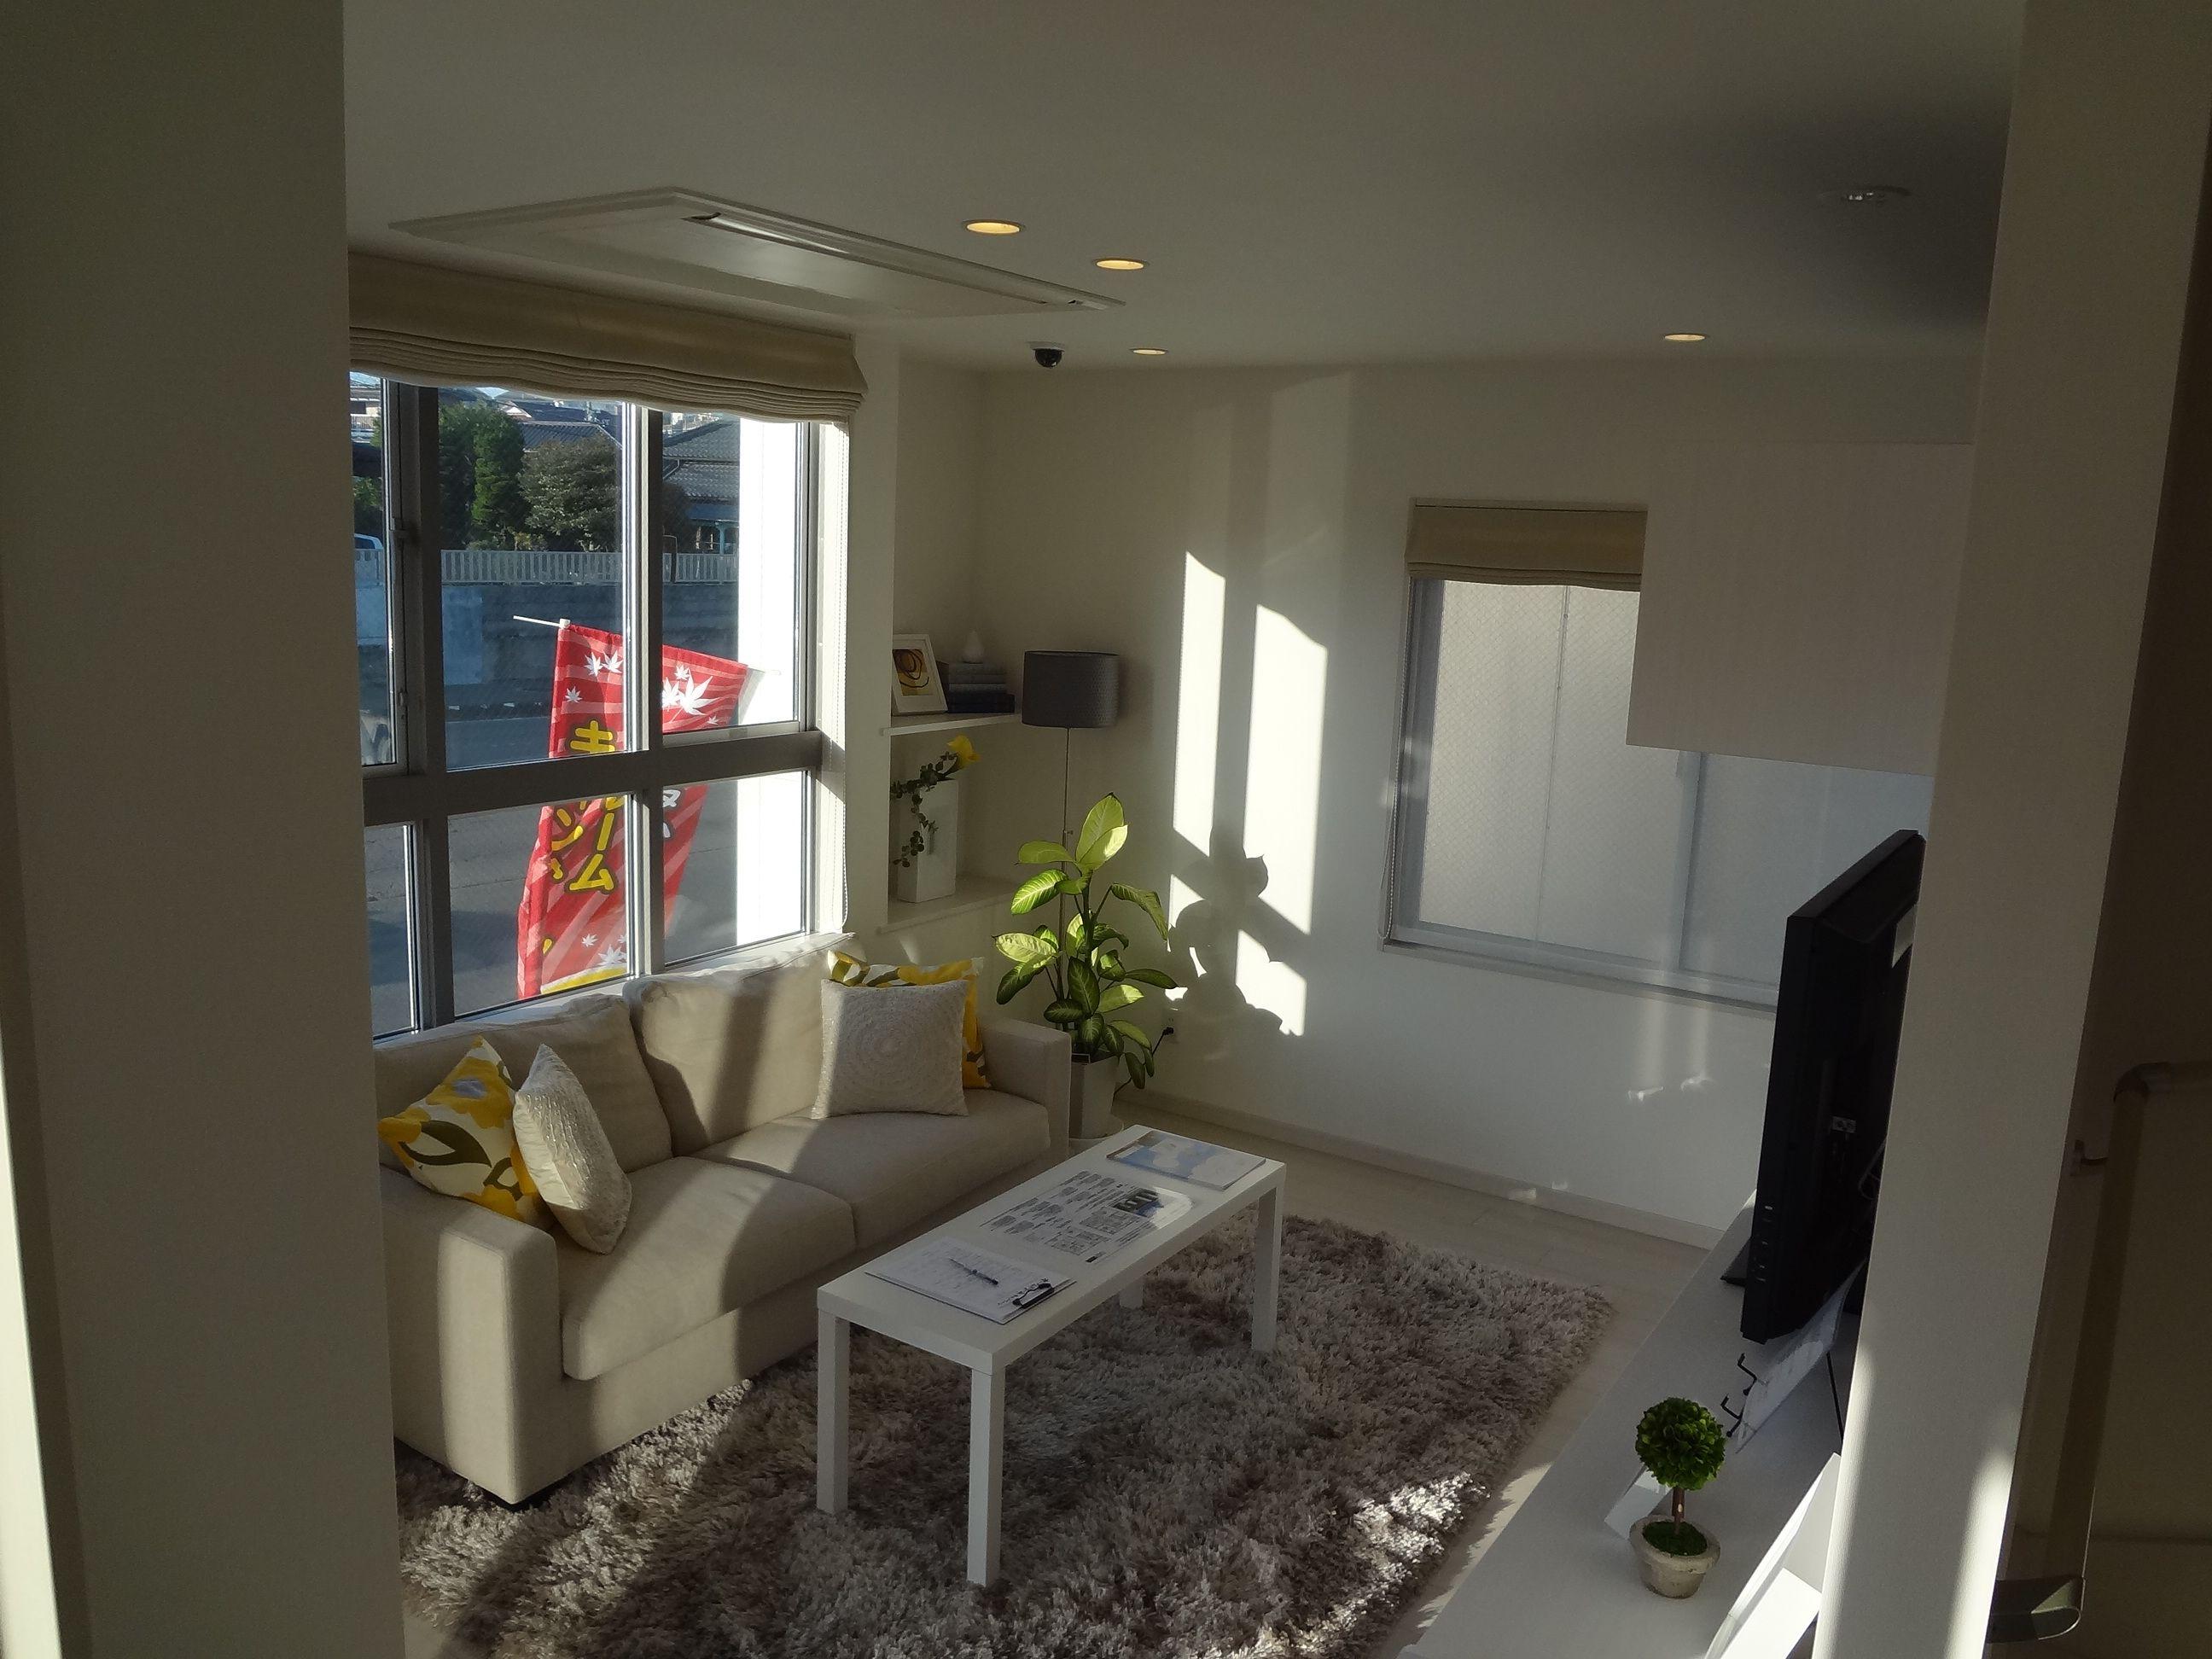 室内カラーを白に統一し、明るく広々とした雰囲気を演出します。